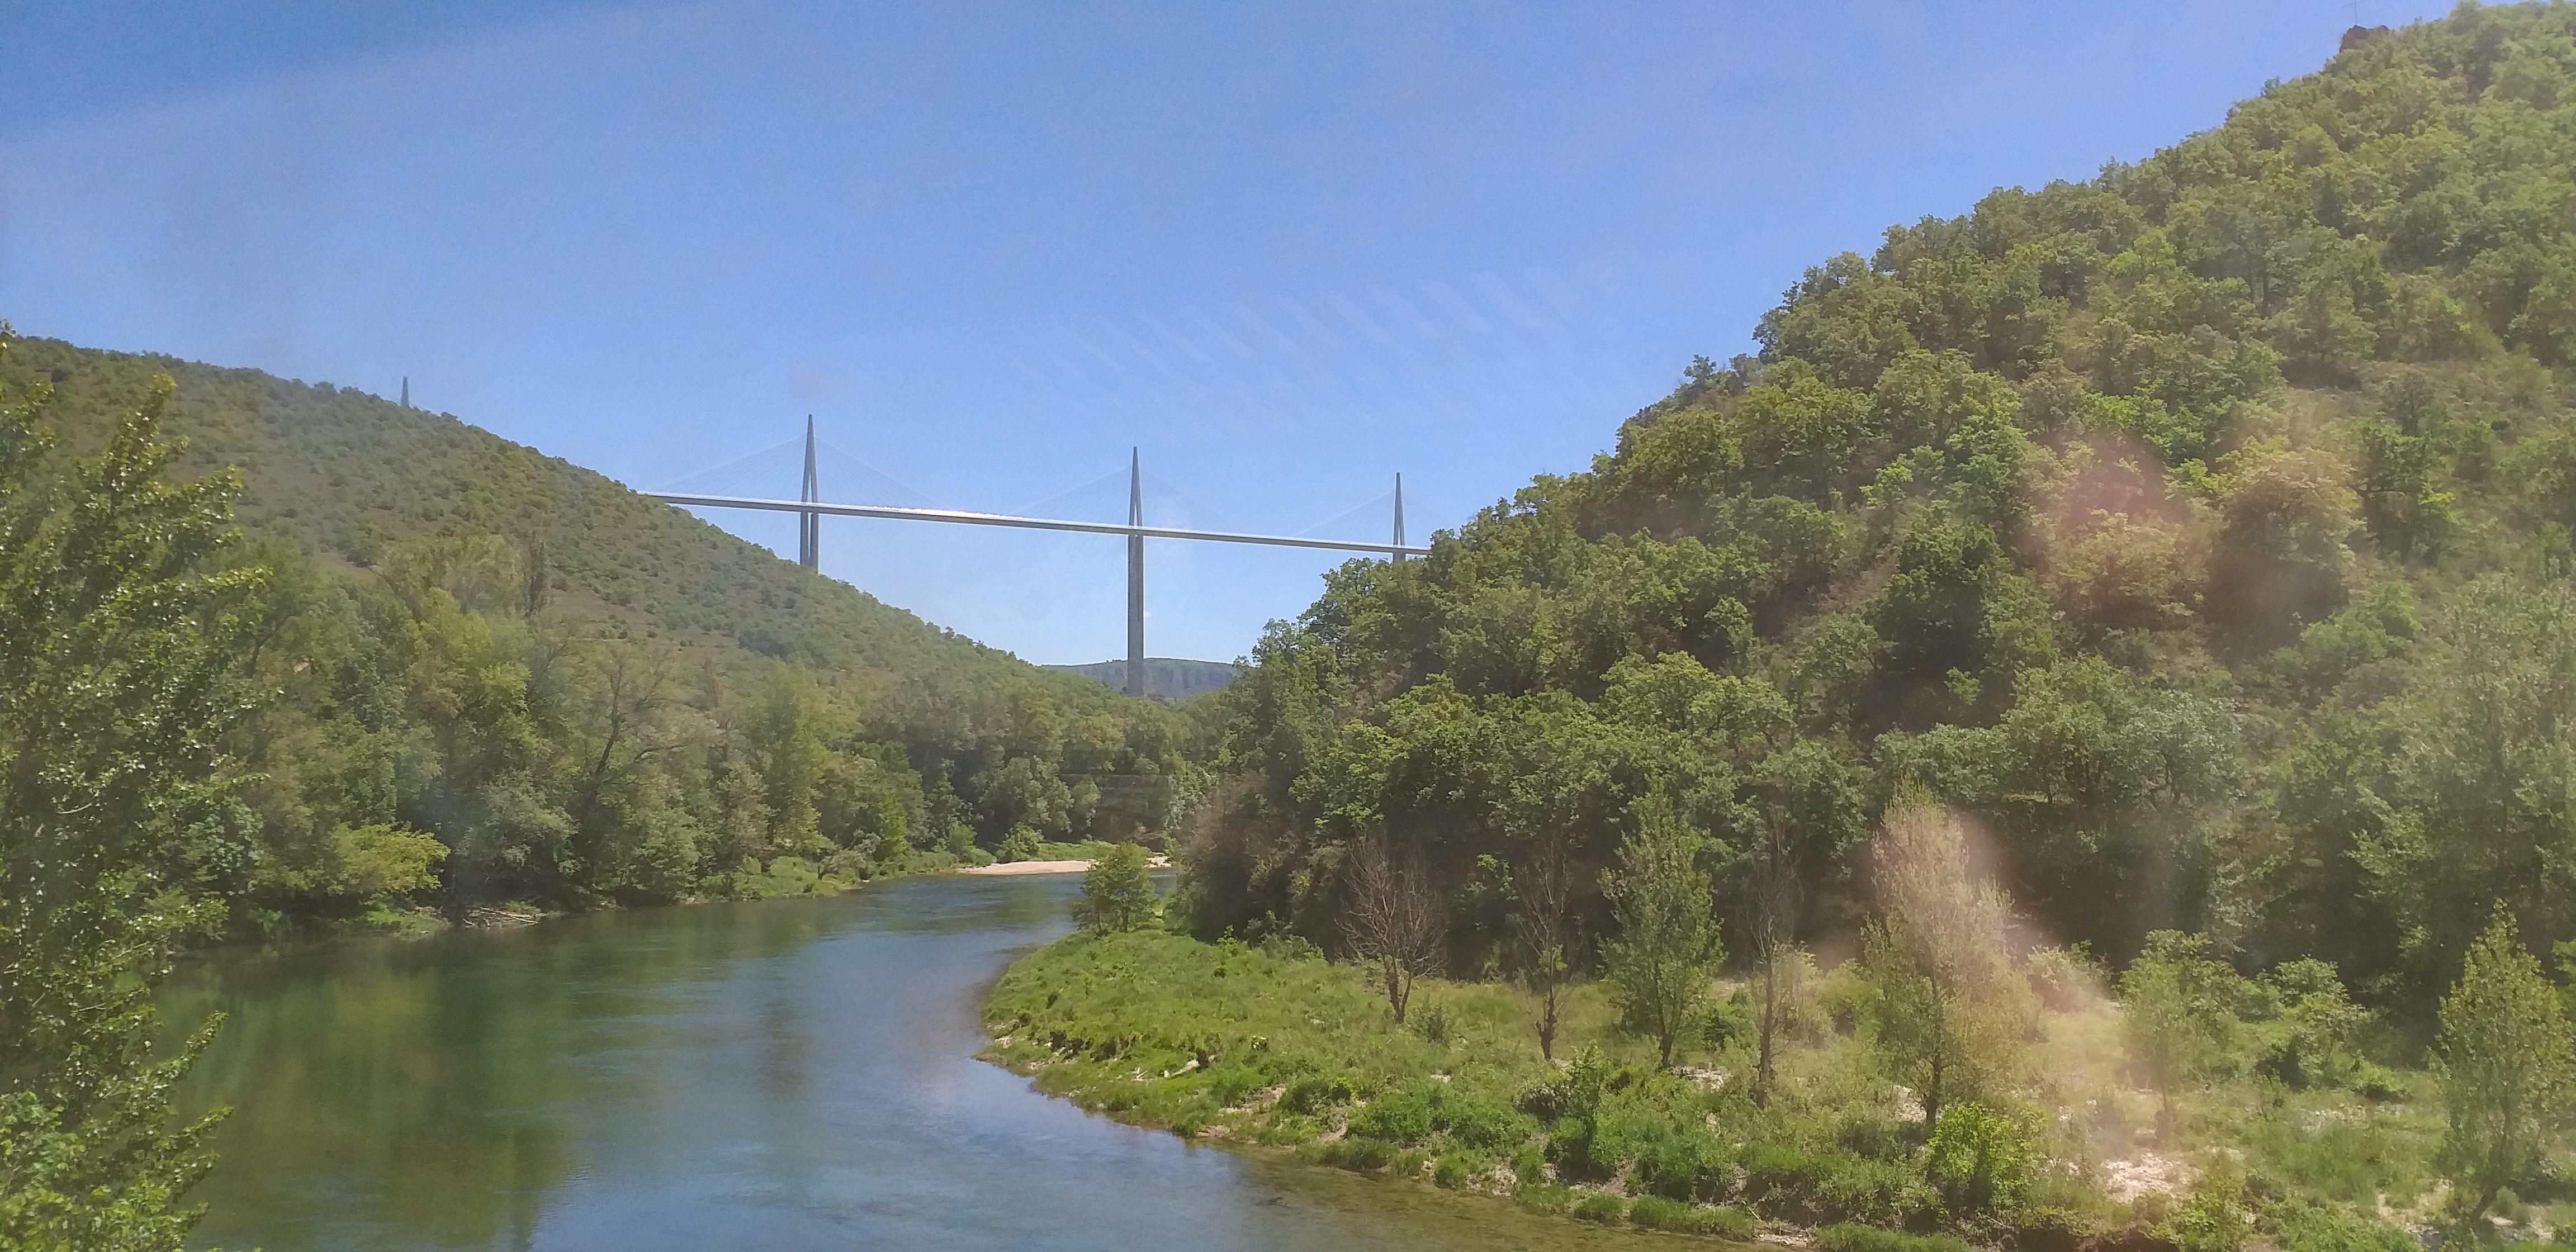 Le viaduc de Millau depuis le train © E. Moreau - OT des Causses à l'Aubrac